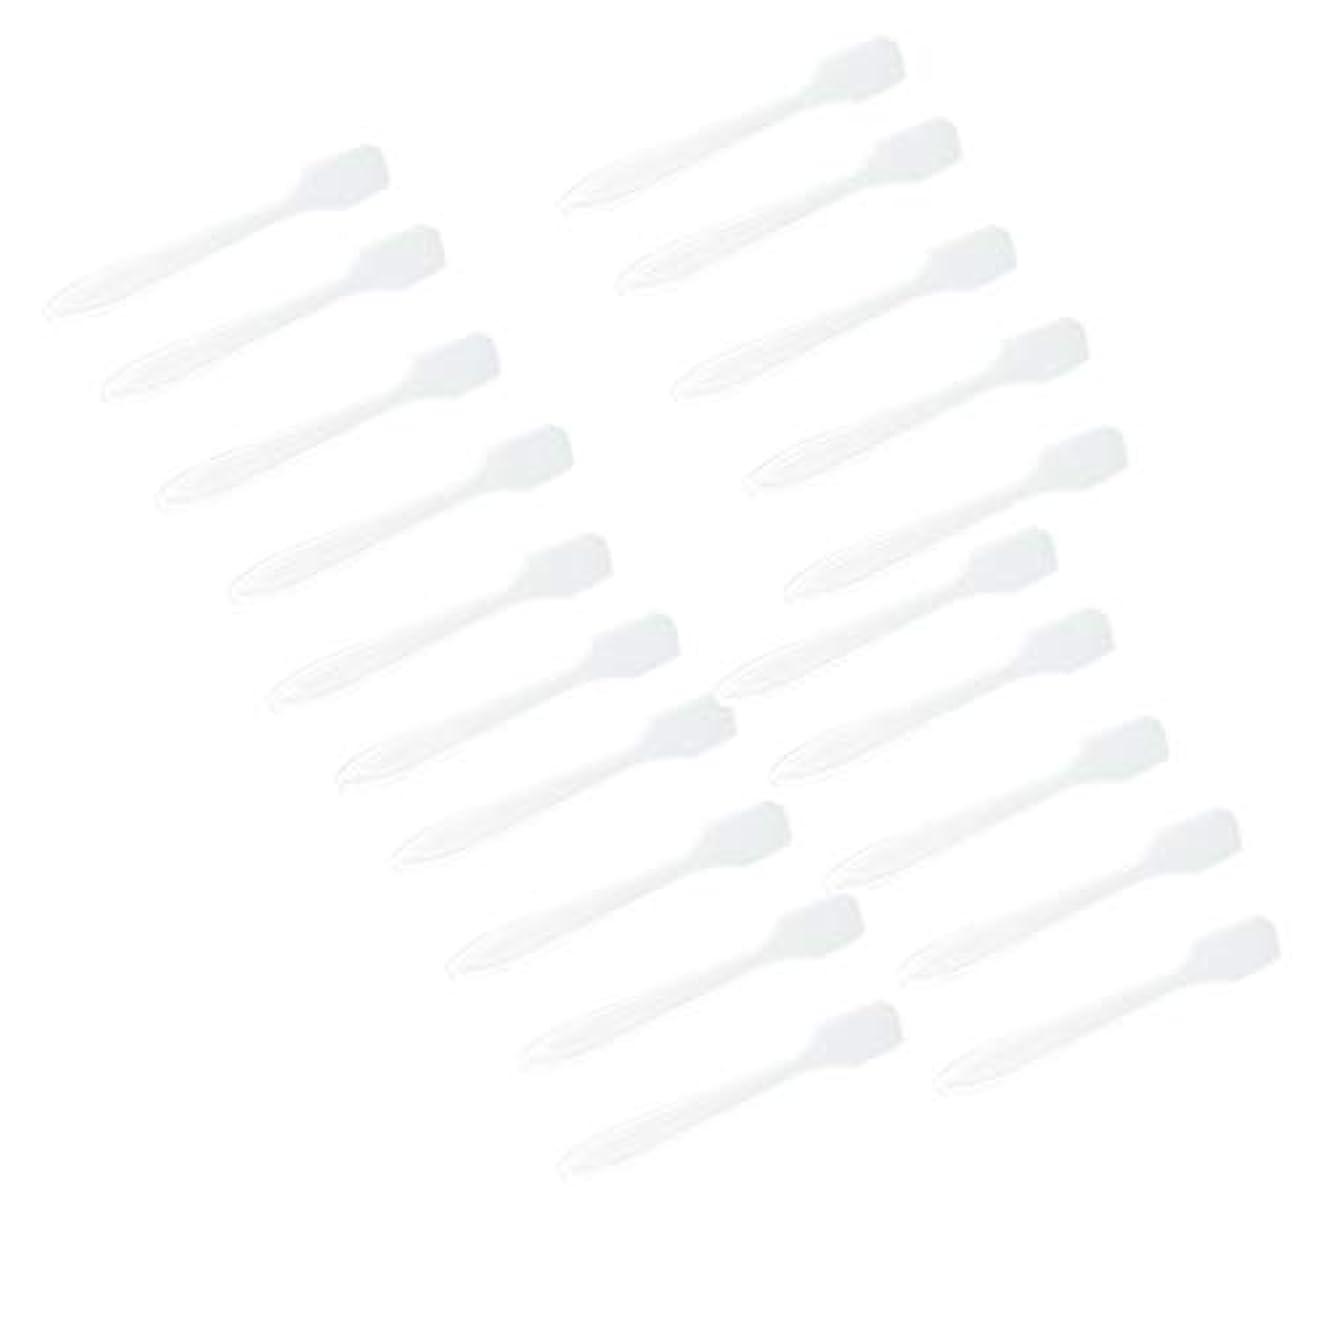 倍率ピクニックをする最大化するP Prettyia 5色 100点 フェイシャル クリーム マスクスプーン 化粧品へら 女性美容ツール - クリア